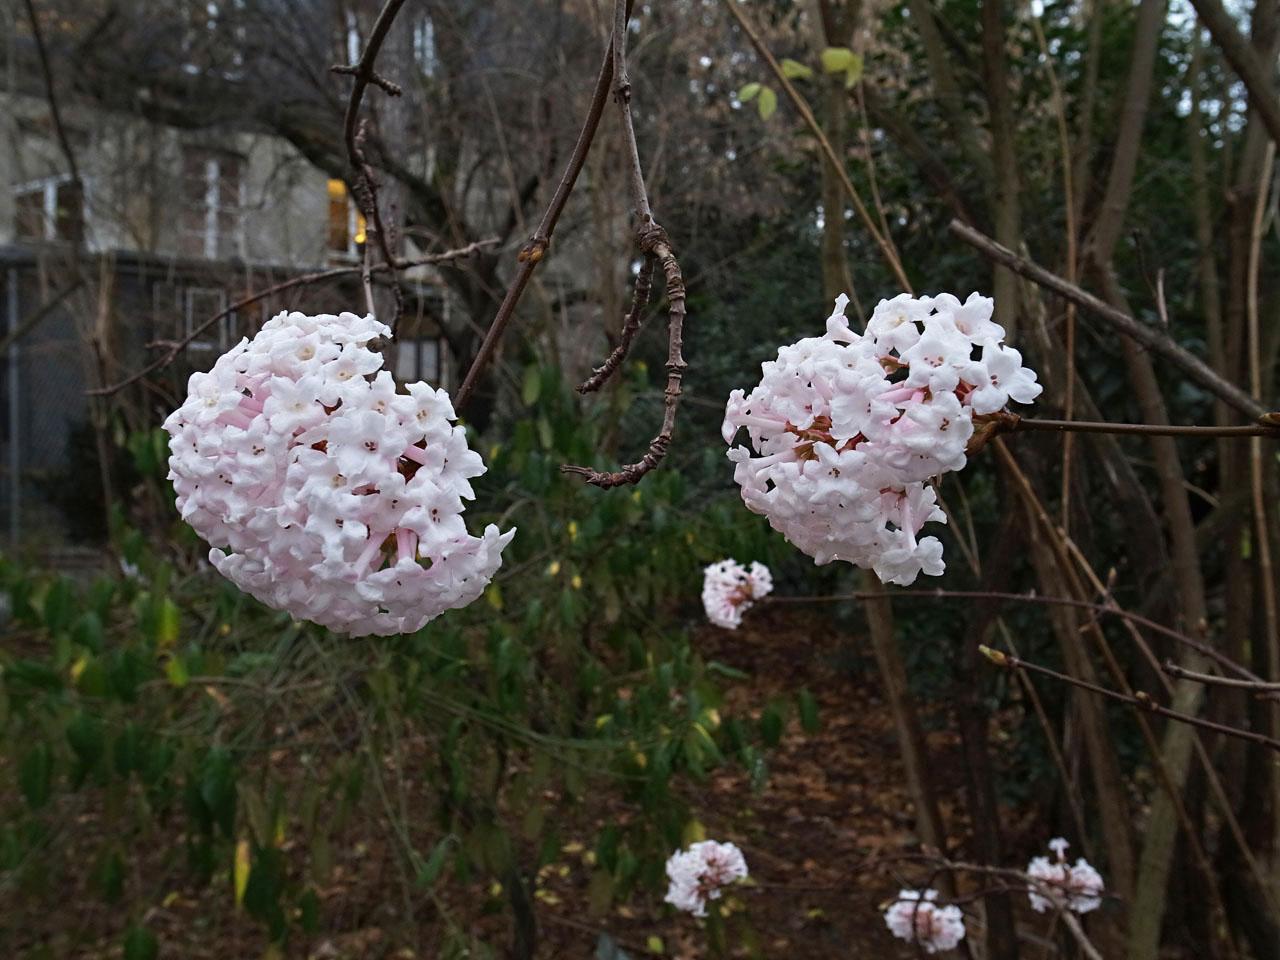 Jlggbblog3 en plein hiver un arbuste sans feuilles mais avec des bouquets de fleurs odorantes - Arbuste fleurs blanches odorantes ...